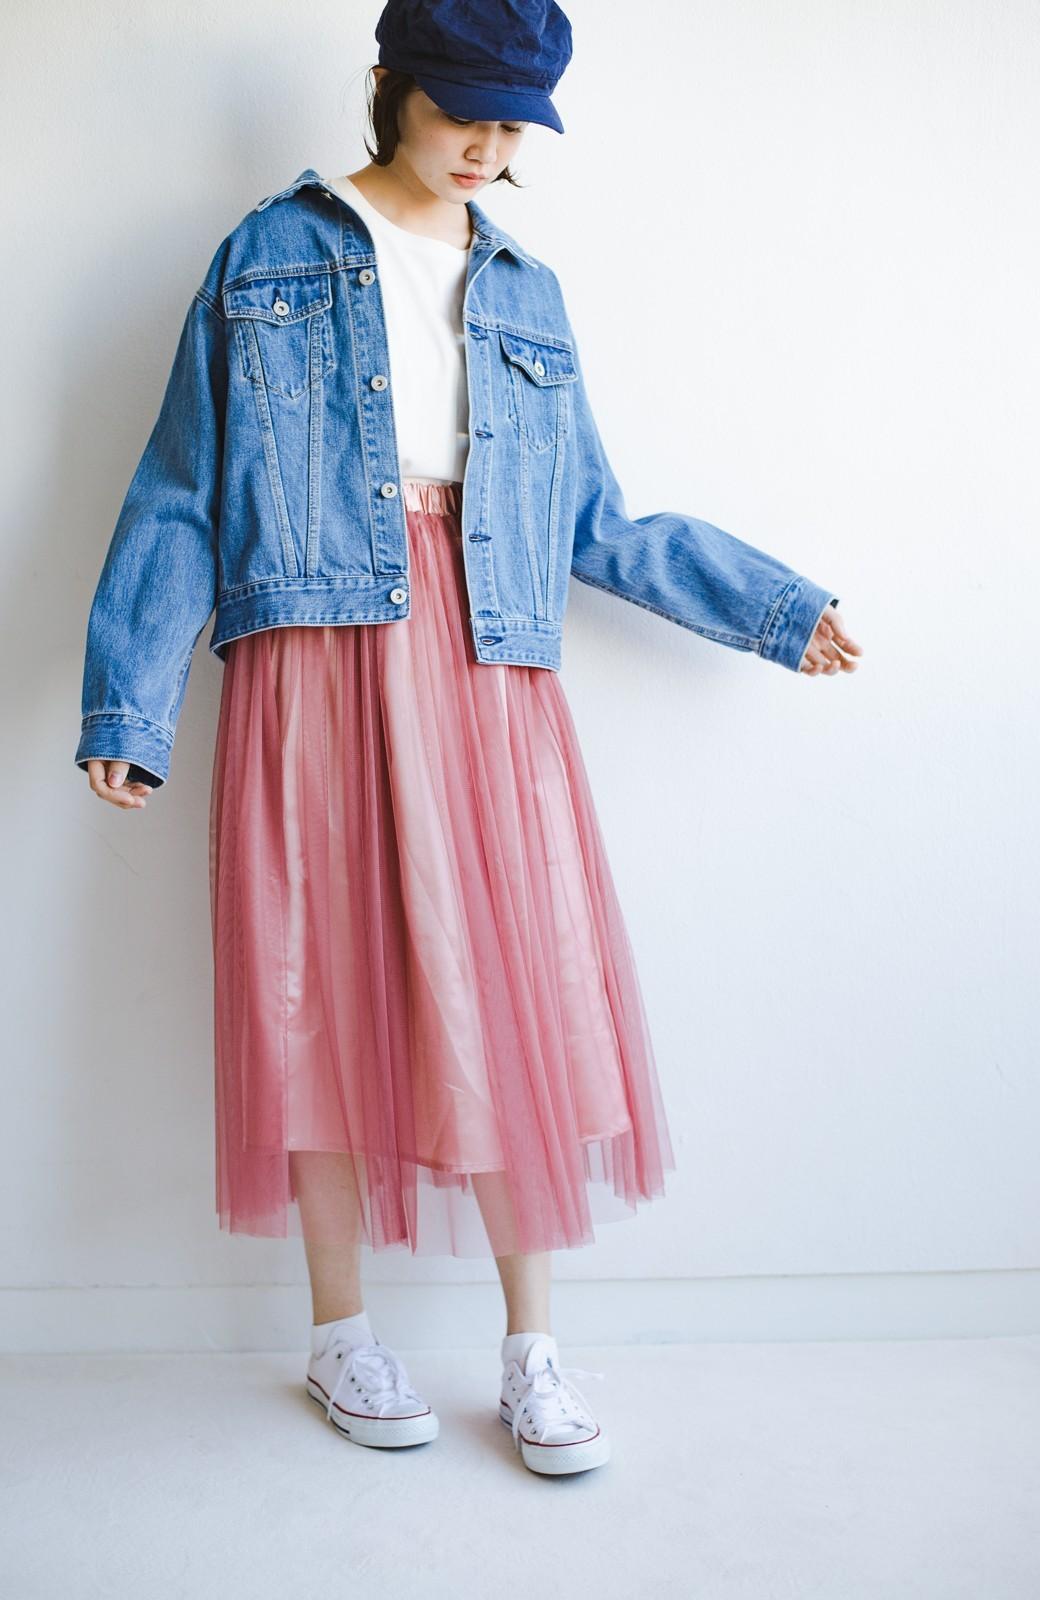 haco! 着るだけでルンとした気分になる! 長ーーい季節着られてずっと使えるオトナのためのチュールスカート <ピンク>の商品写真3